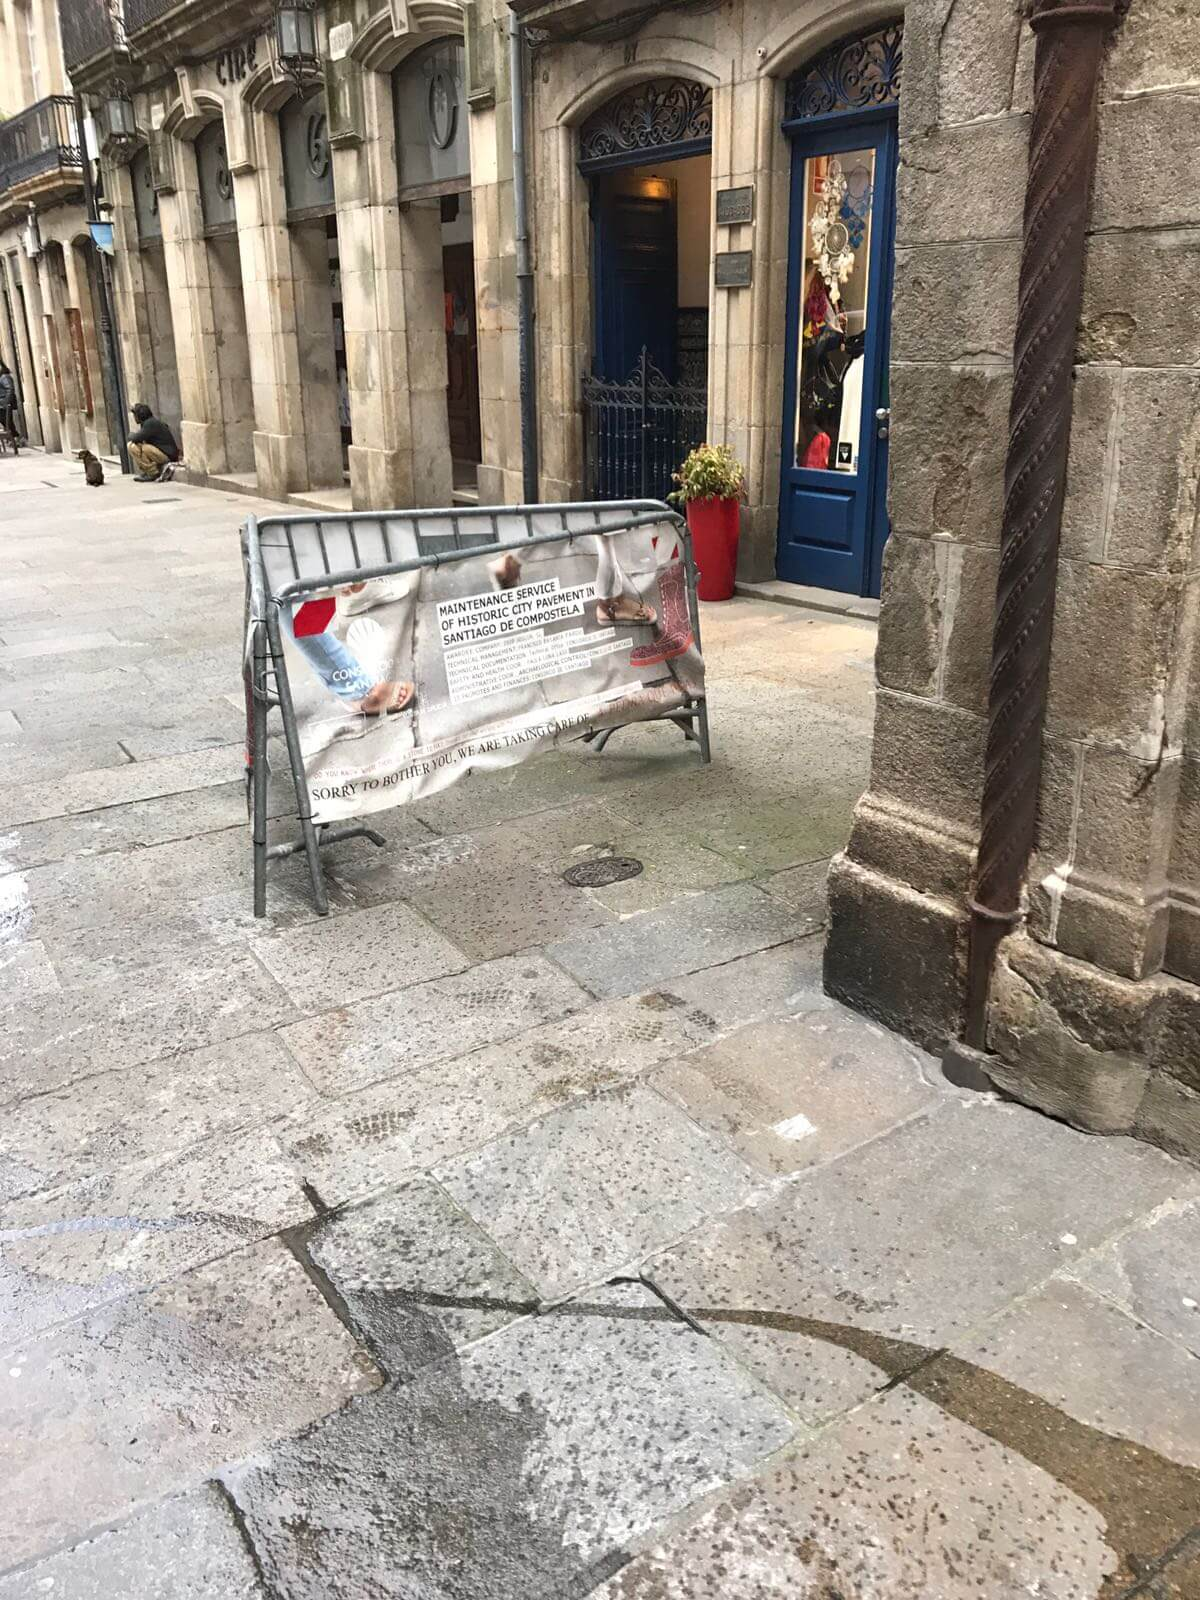 Mantemento E Conservación Dos Pavimentos Do Recinto Intramuros Da Cidade Histórica De Santiago De Compostela